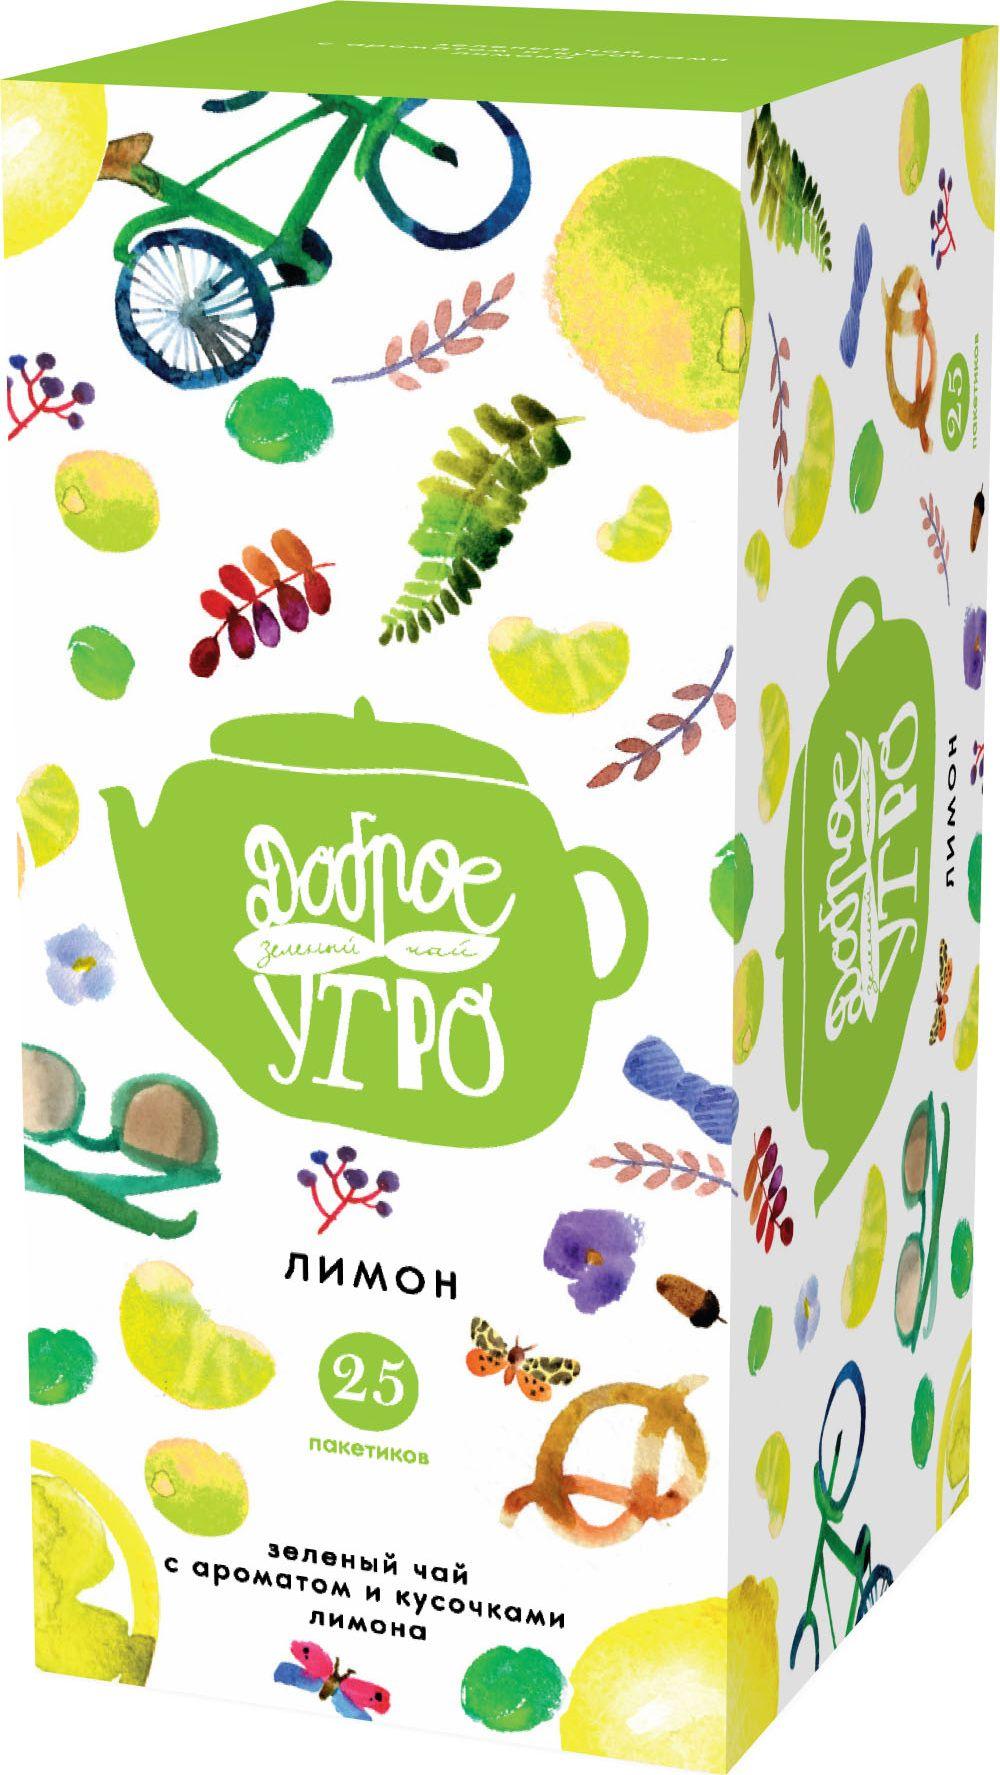 Доброе утро Лимон зеленый чай в пакетиках, 25 шт4607051543690Китайский зеленый чай с кусочками лимона - прекрасный тонизирующий напиток. Приятный, мягкий вкус зеленого чая гармонично сочетается со свежим ароматом лимона.